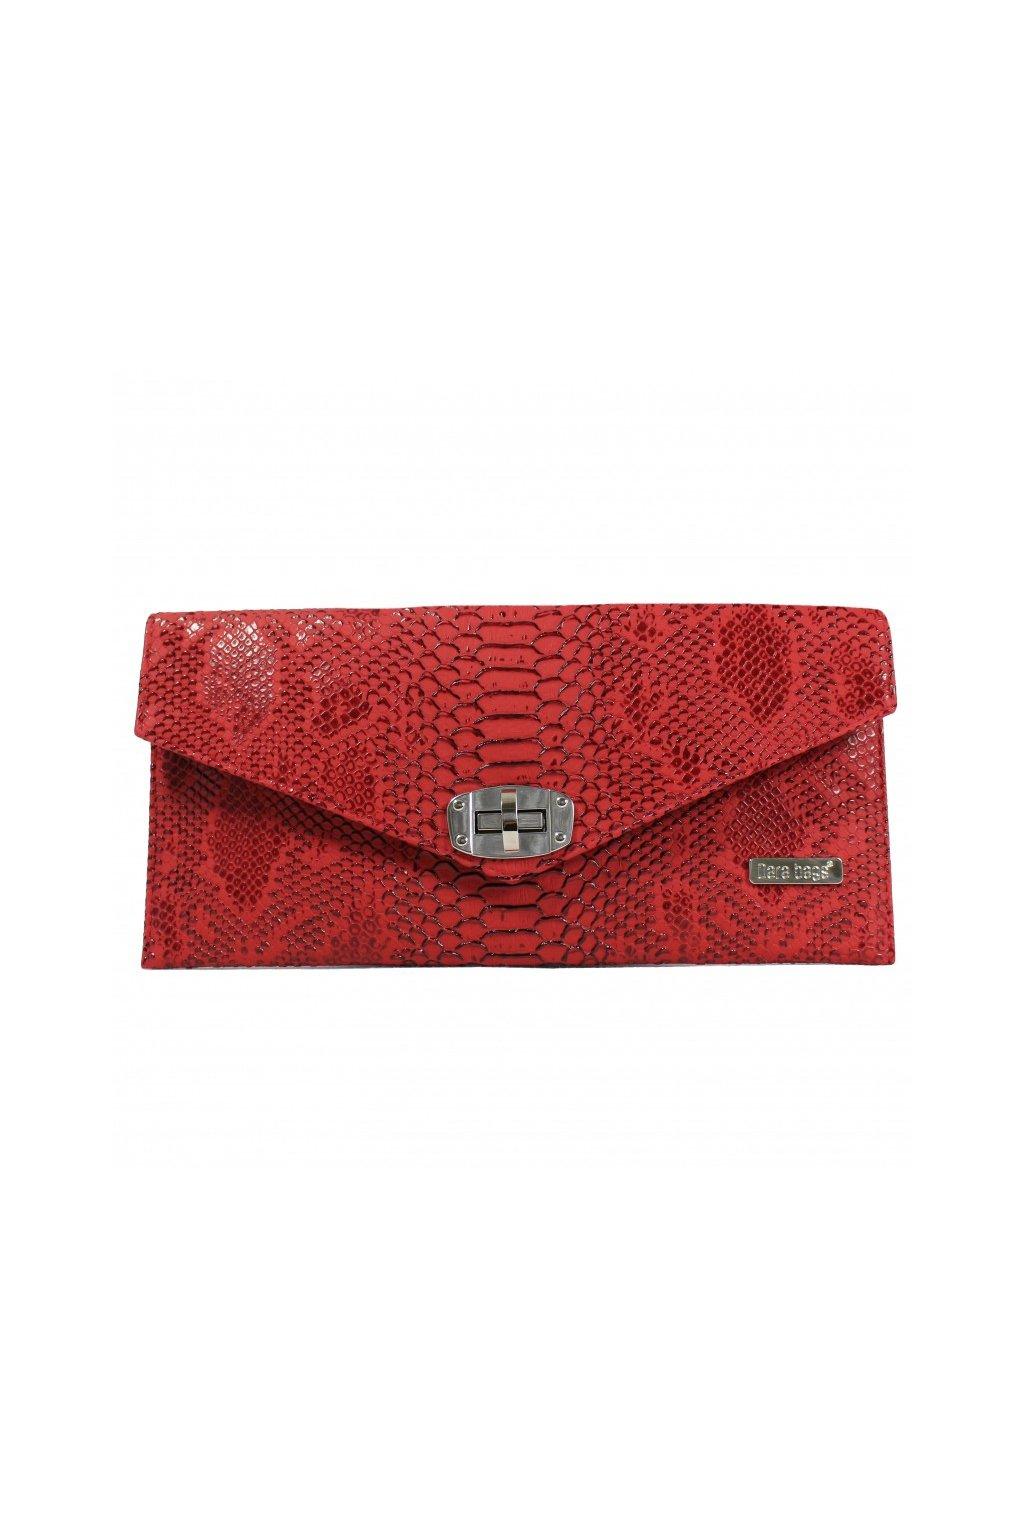 Malá kabelka Malibu Classy červená 1